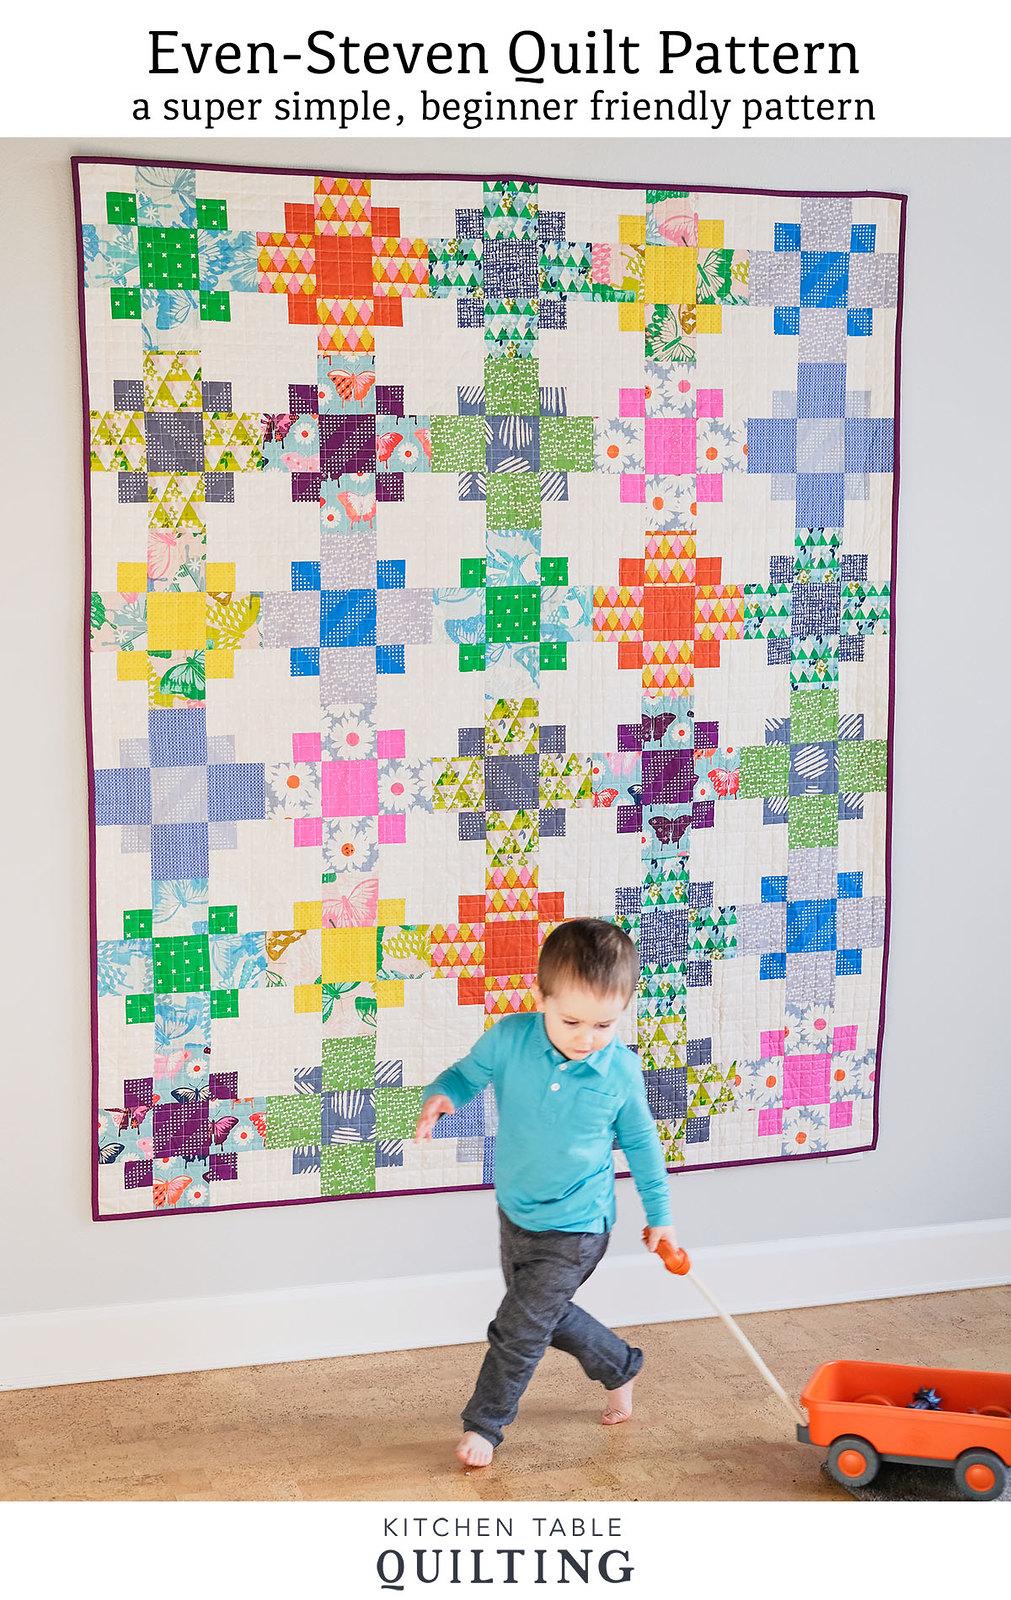 Even-Steven Quilt Pattern